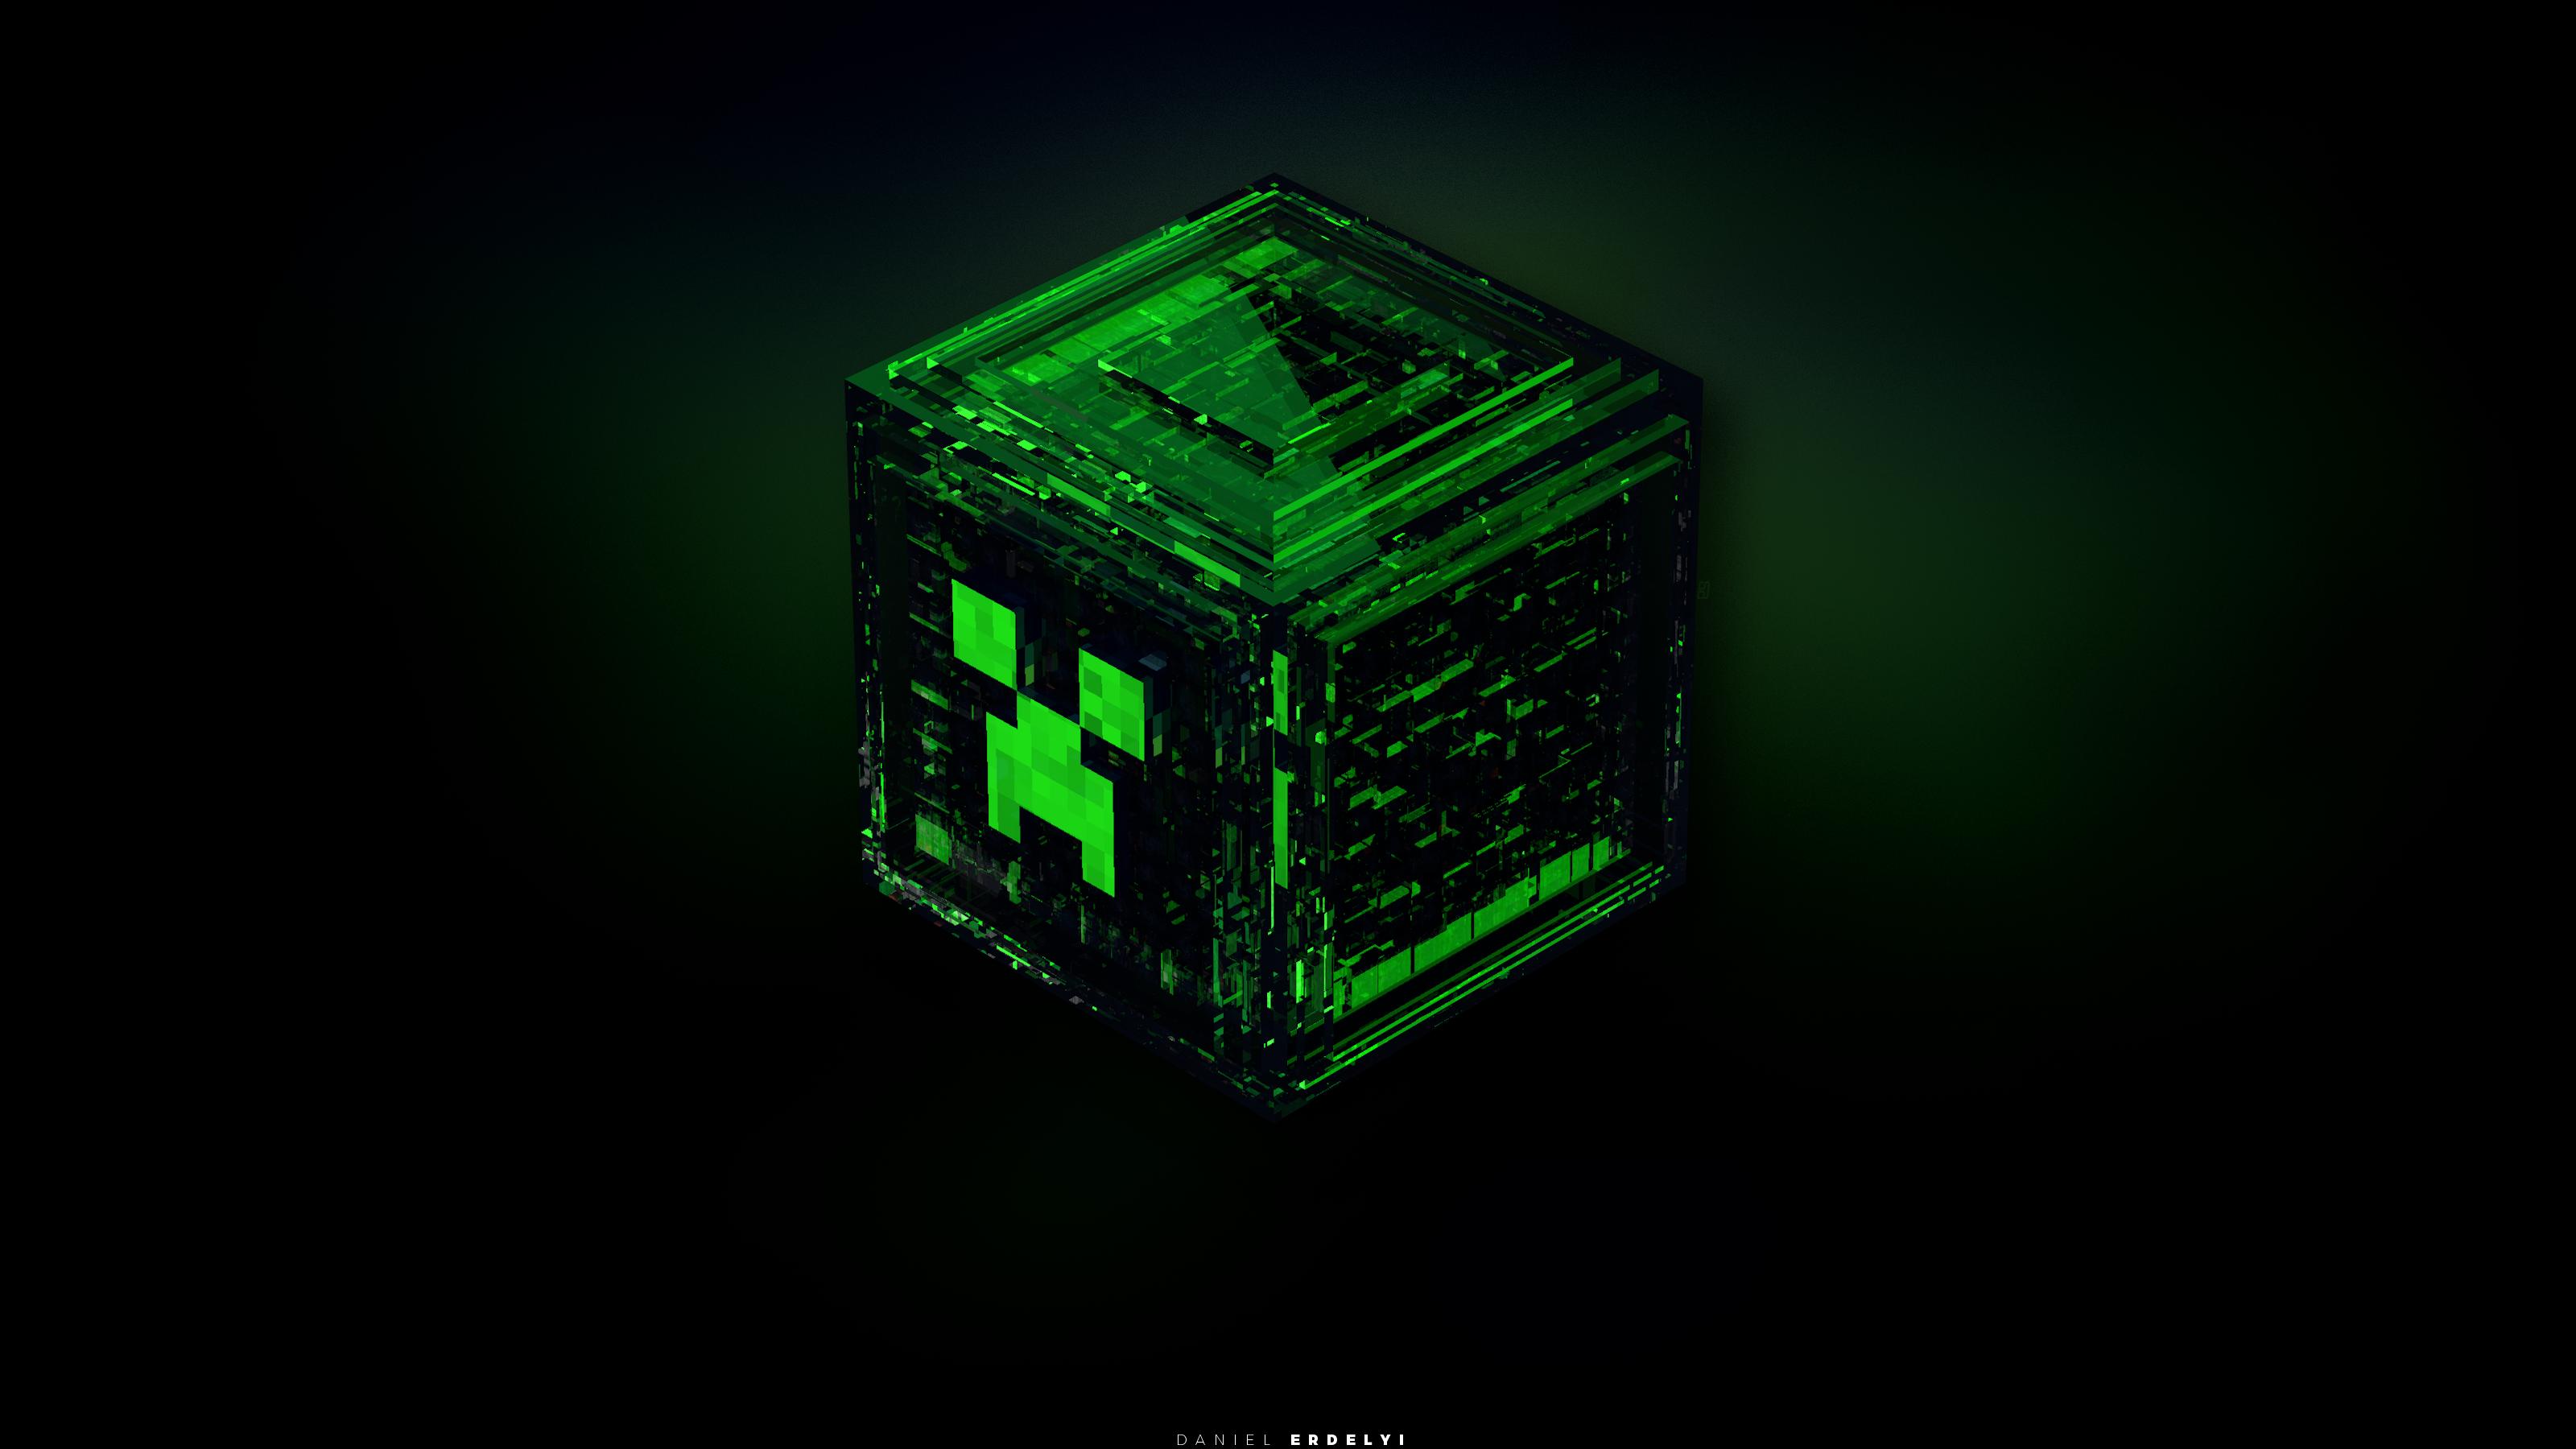 Minecraft green creeper emerald ore lighting shape darkness jewellery number games screenshot computer wallpaper font indoor